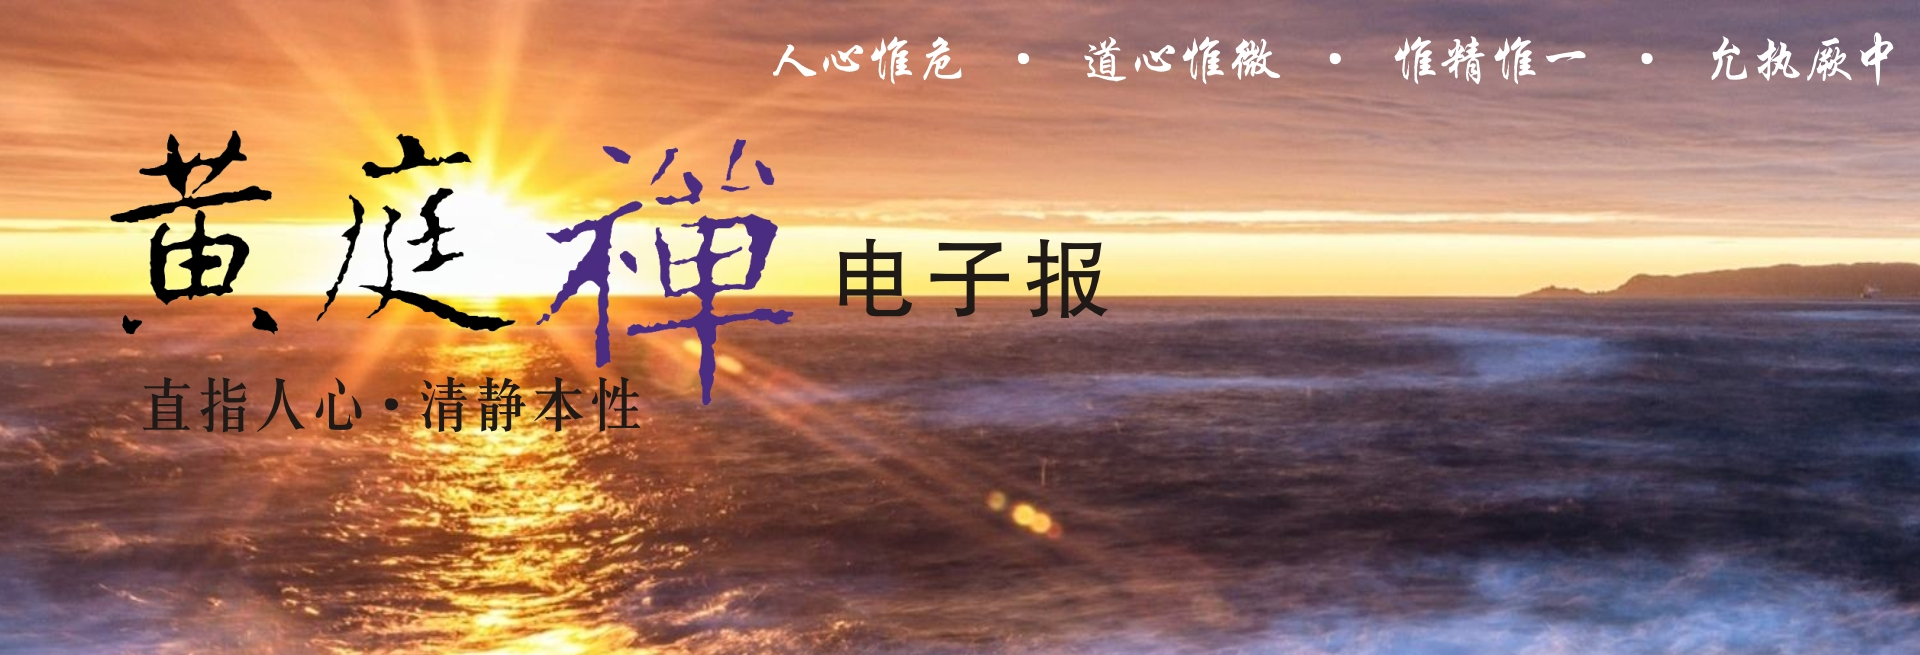 中华黄庭禅学会2020.10.21电子报